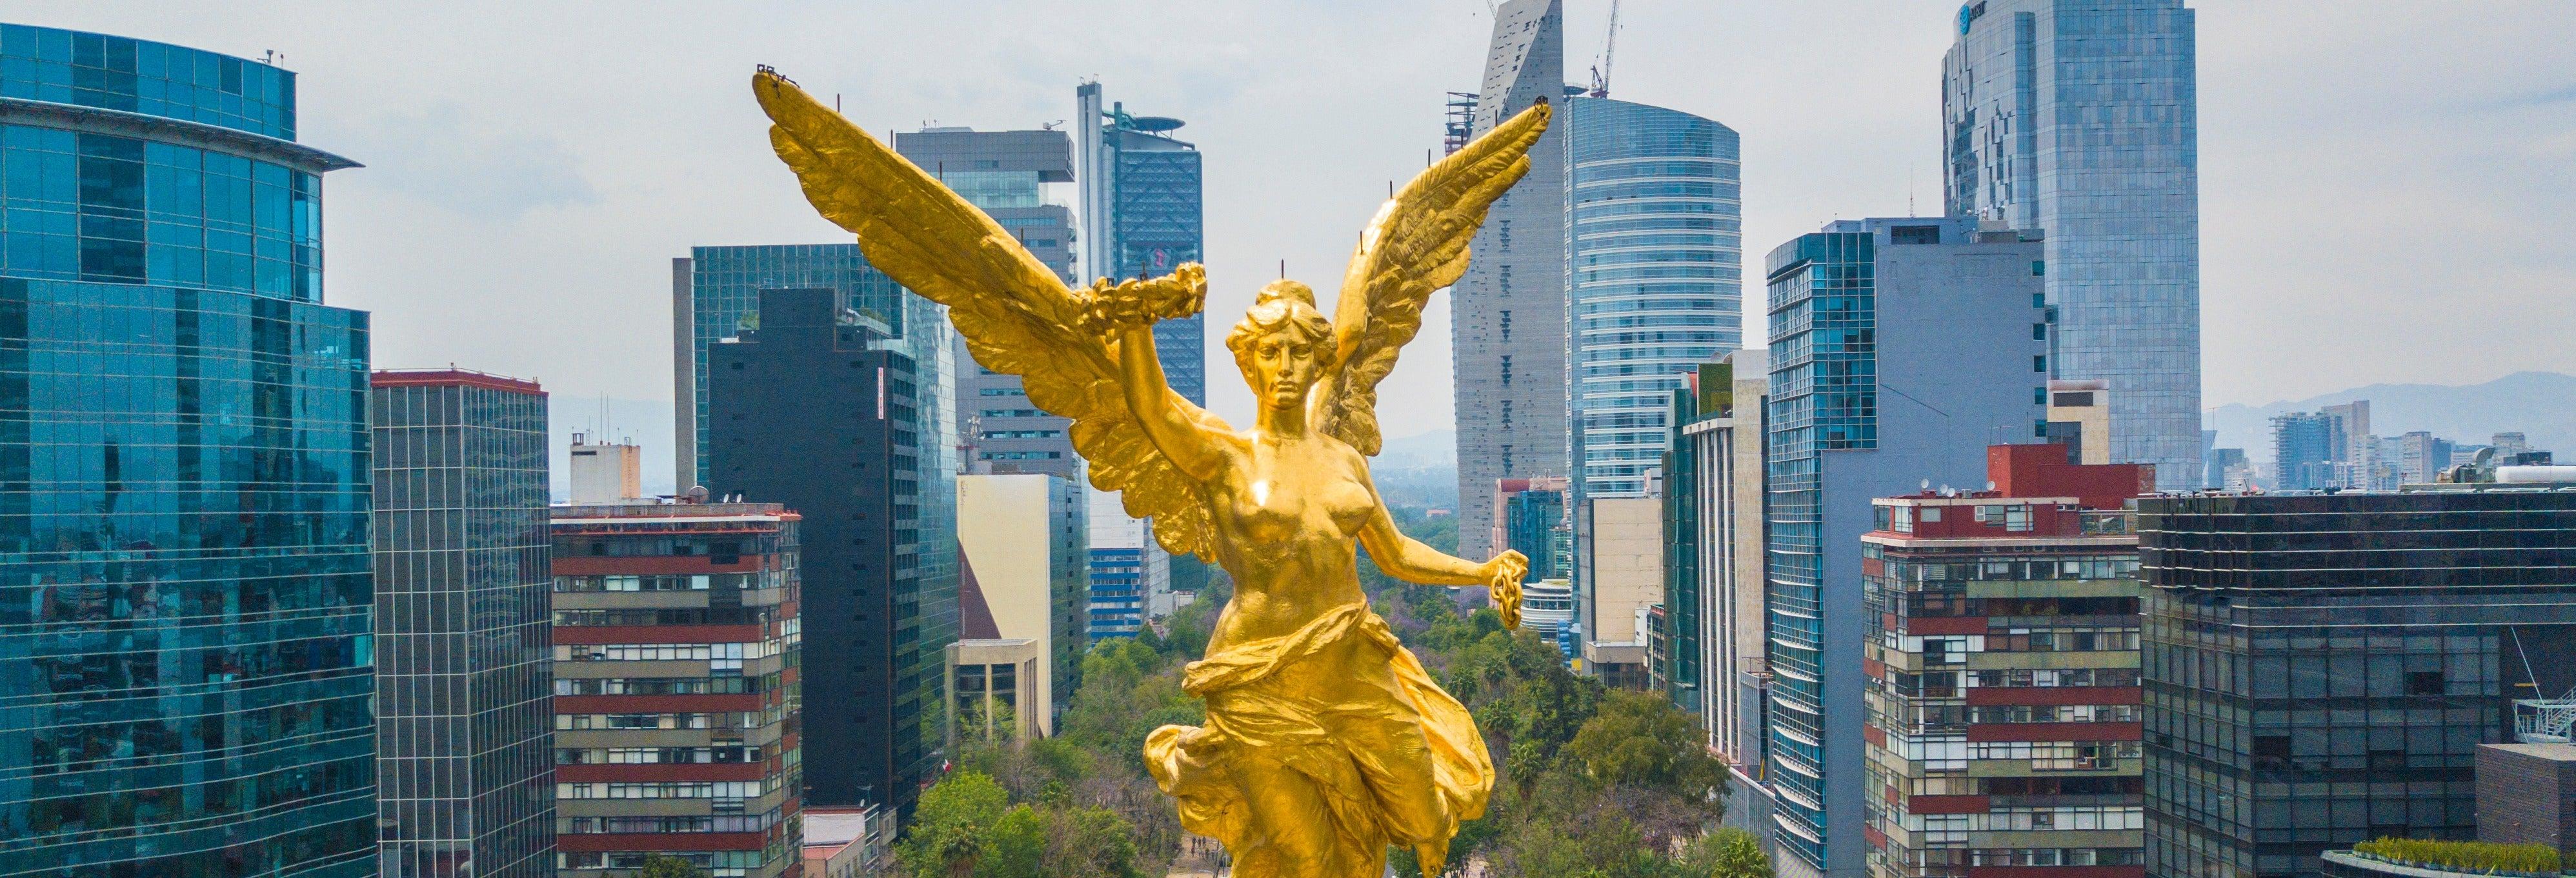 Autobus turistico di Città del Messico